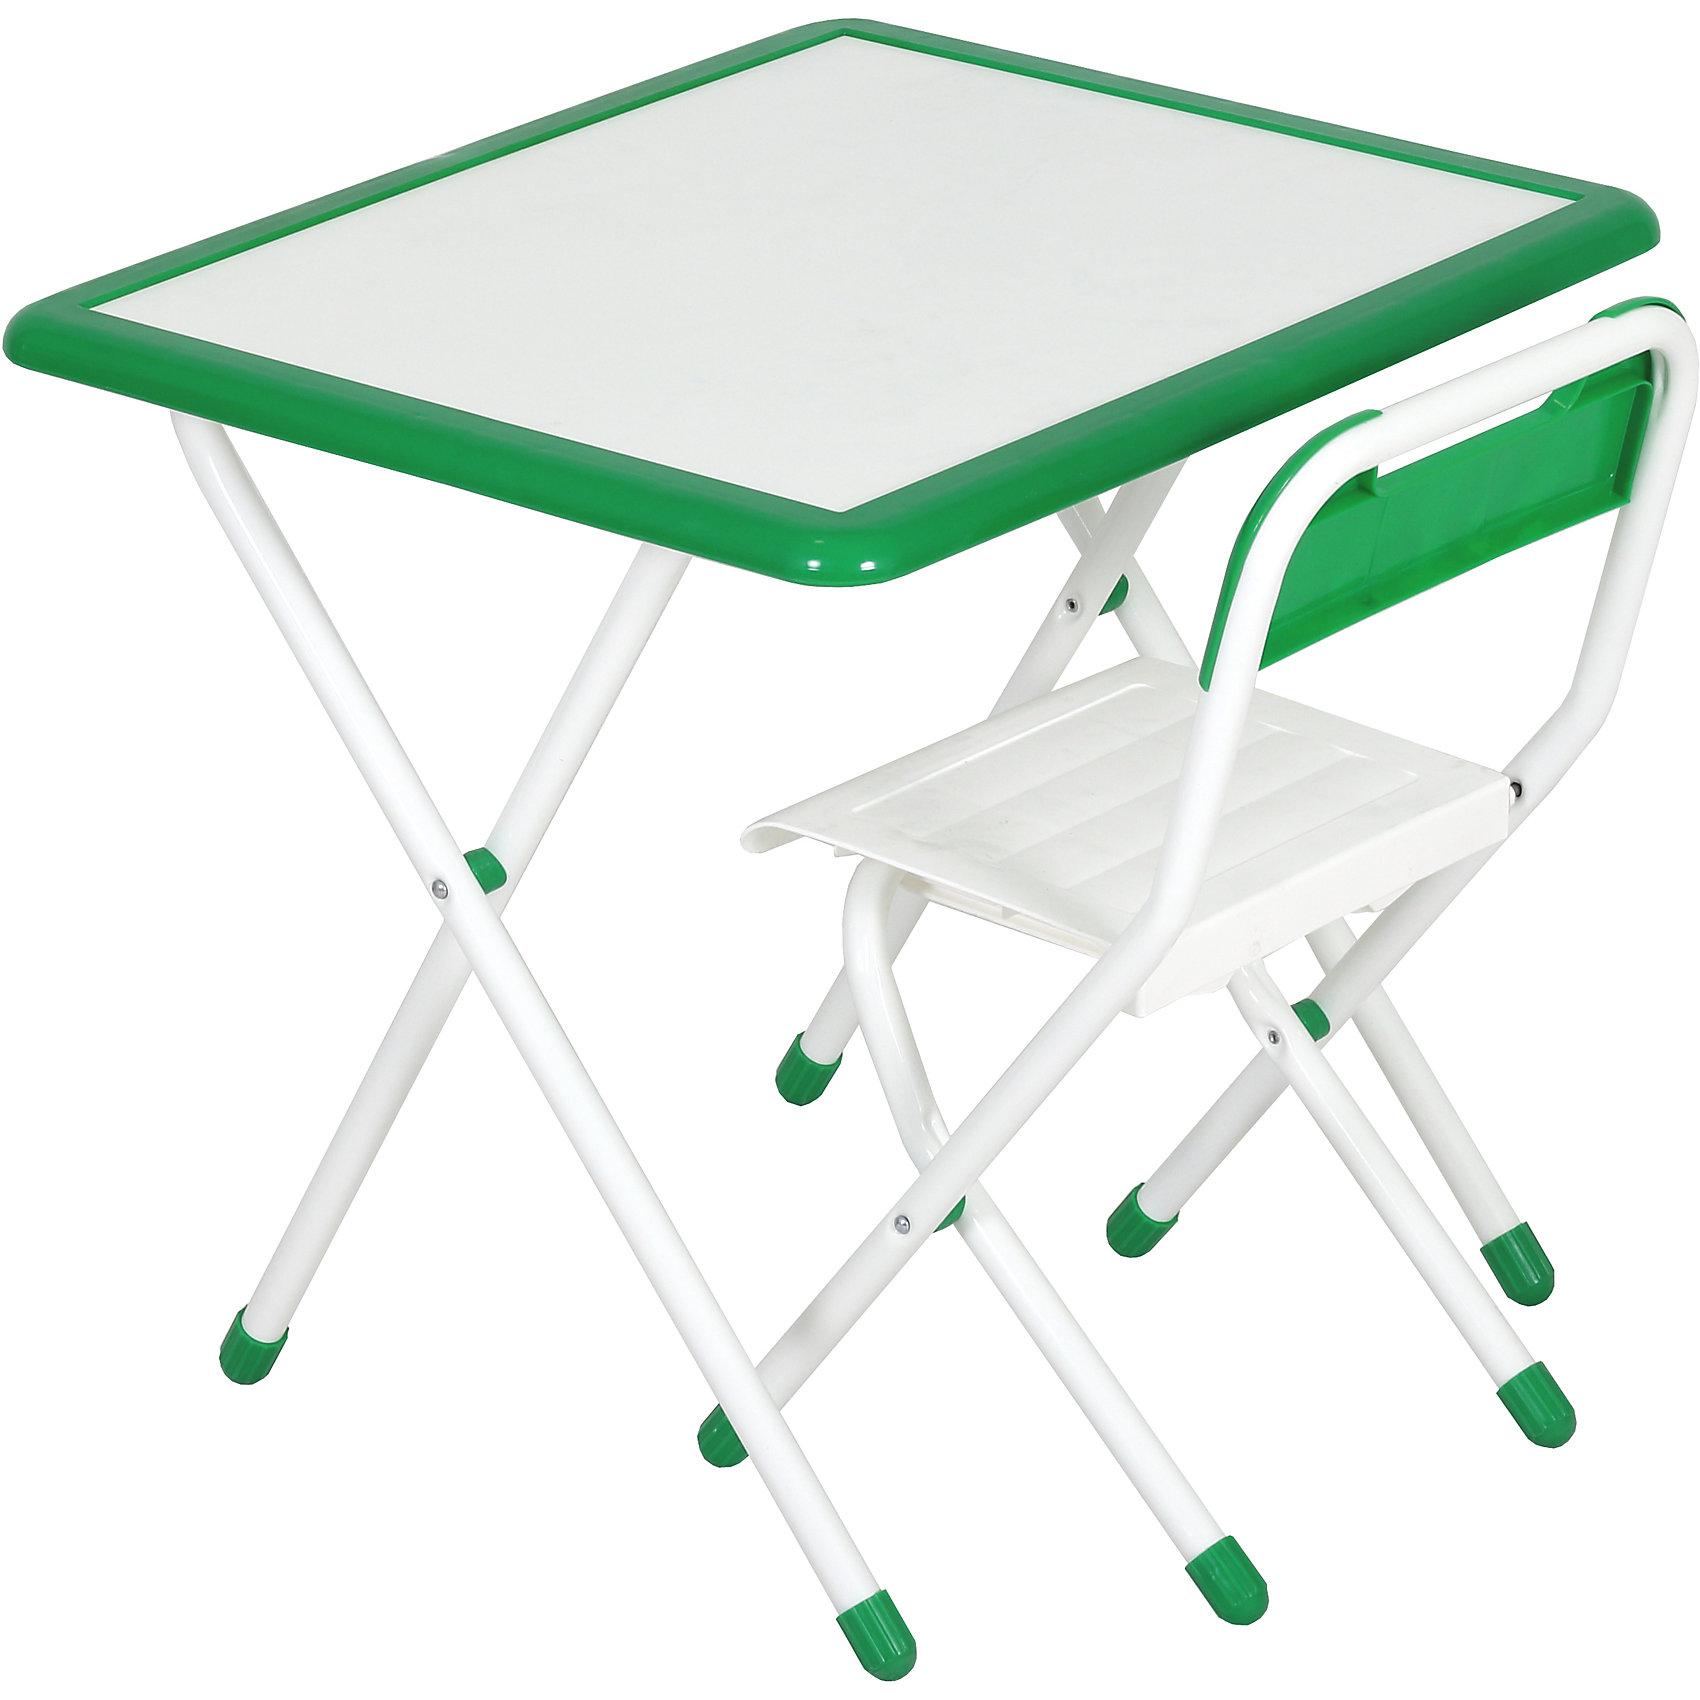 Набор детской складной мебели, Дэми, бело-зеленыйМебель<br>Каждый ребенок нуждается в удобной, специальной мебели, чтобы его организм мог развиваться правильно. Этот набор детской складной мебели - универсальный комплект необходимых предметов для малыша. Он состоит из стула и стола, выполненных в приятных тонах. <br>Столешница позволяет разместить на ней все необходимые предметы: можно есть, играть или учиться! Набор разработан в соответствии с рекомендациями врачей-ортопедов. Сделан из безопасных для ребенка материалов. Стол и стульчик очень легко моется - ребенок сам сможет поддерживать его в чистоте. Мебель складная, ее очень удобно хранить.<br><br><br>Дополнительная информация:<br>цвет: белый/зеленый;<br>просторная столешница;<br>оригинальный дизайн;<br>легко моется;<br>соответствует рекомендациям ортопедов;<br>для детей ростом от 115 до 130 см;<br>соответствует стандартам качества.<br><br>Набор детской складной мебели бело-зеленый можно купить в нашем магазине.<br><br>Ширина мм: 77<br>Глубина мм: 73<br>Высота мм: 15<br>Вес г: 8500<br>Цвет: белый/зеленый<br>Возраст от месяцев: 48<br>Возраст до месяцев: 96<br>Пол: Унисекс<br>Возраст: Детский<br>SKU: 4693959